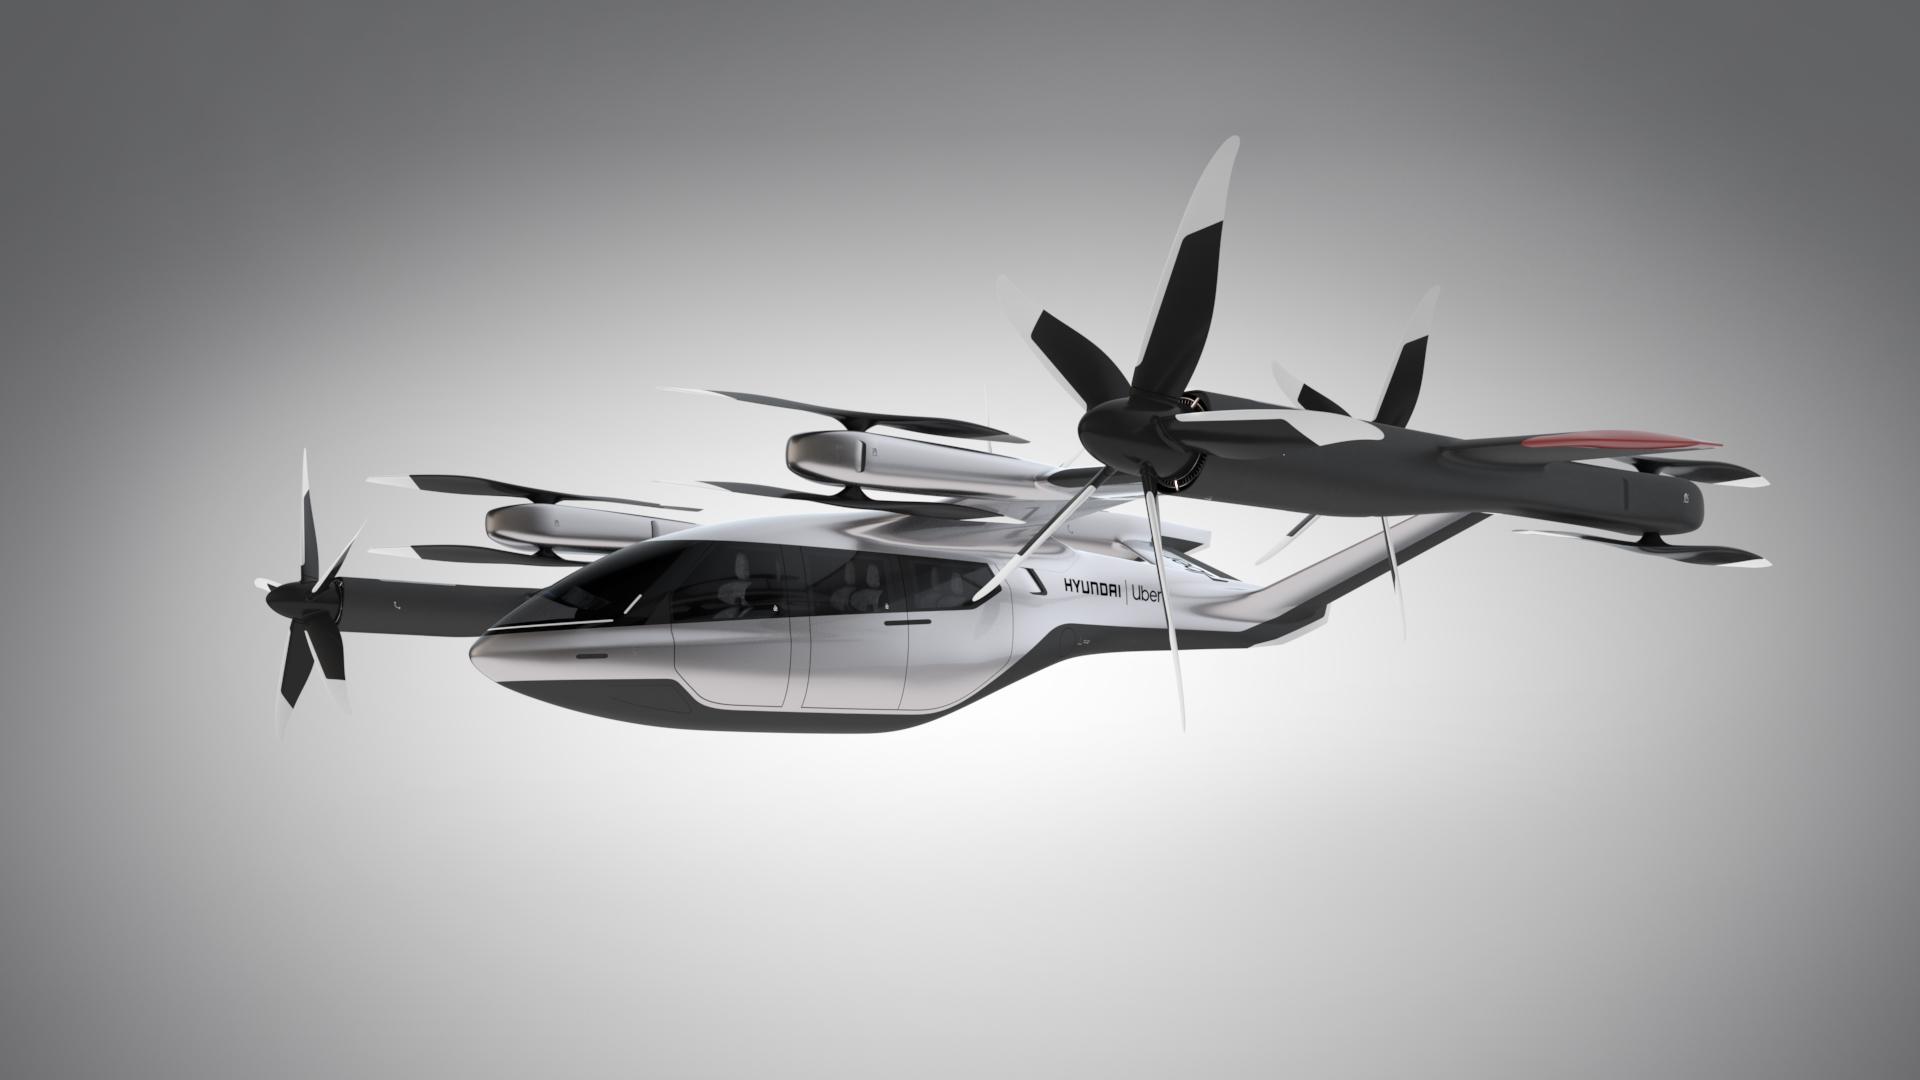 Representação do lado do carro voador da Hyundai com a Uber